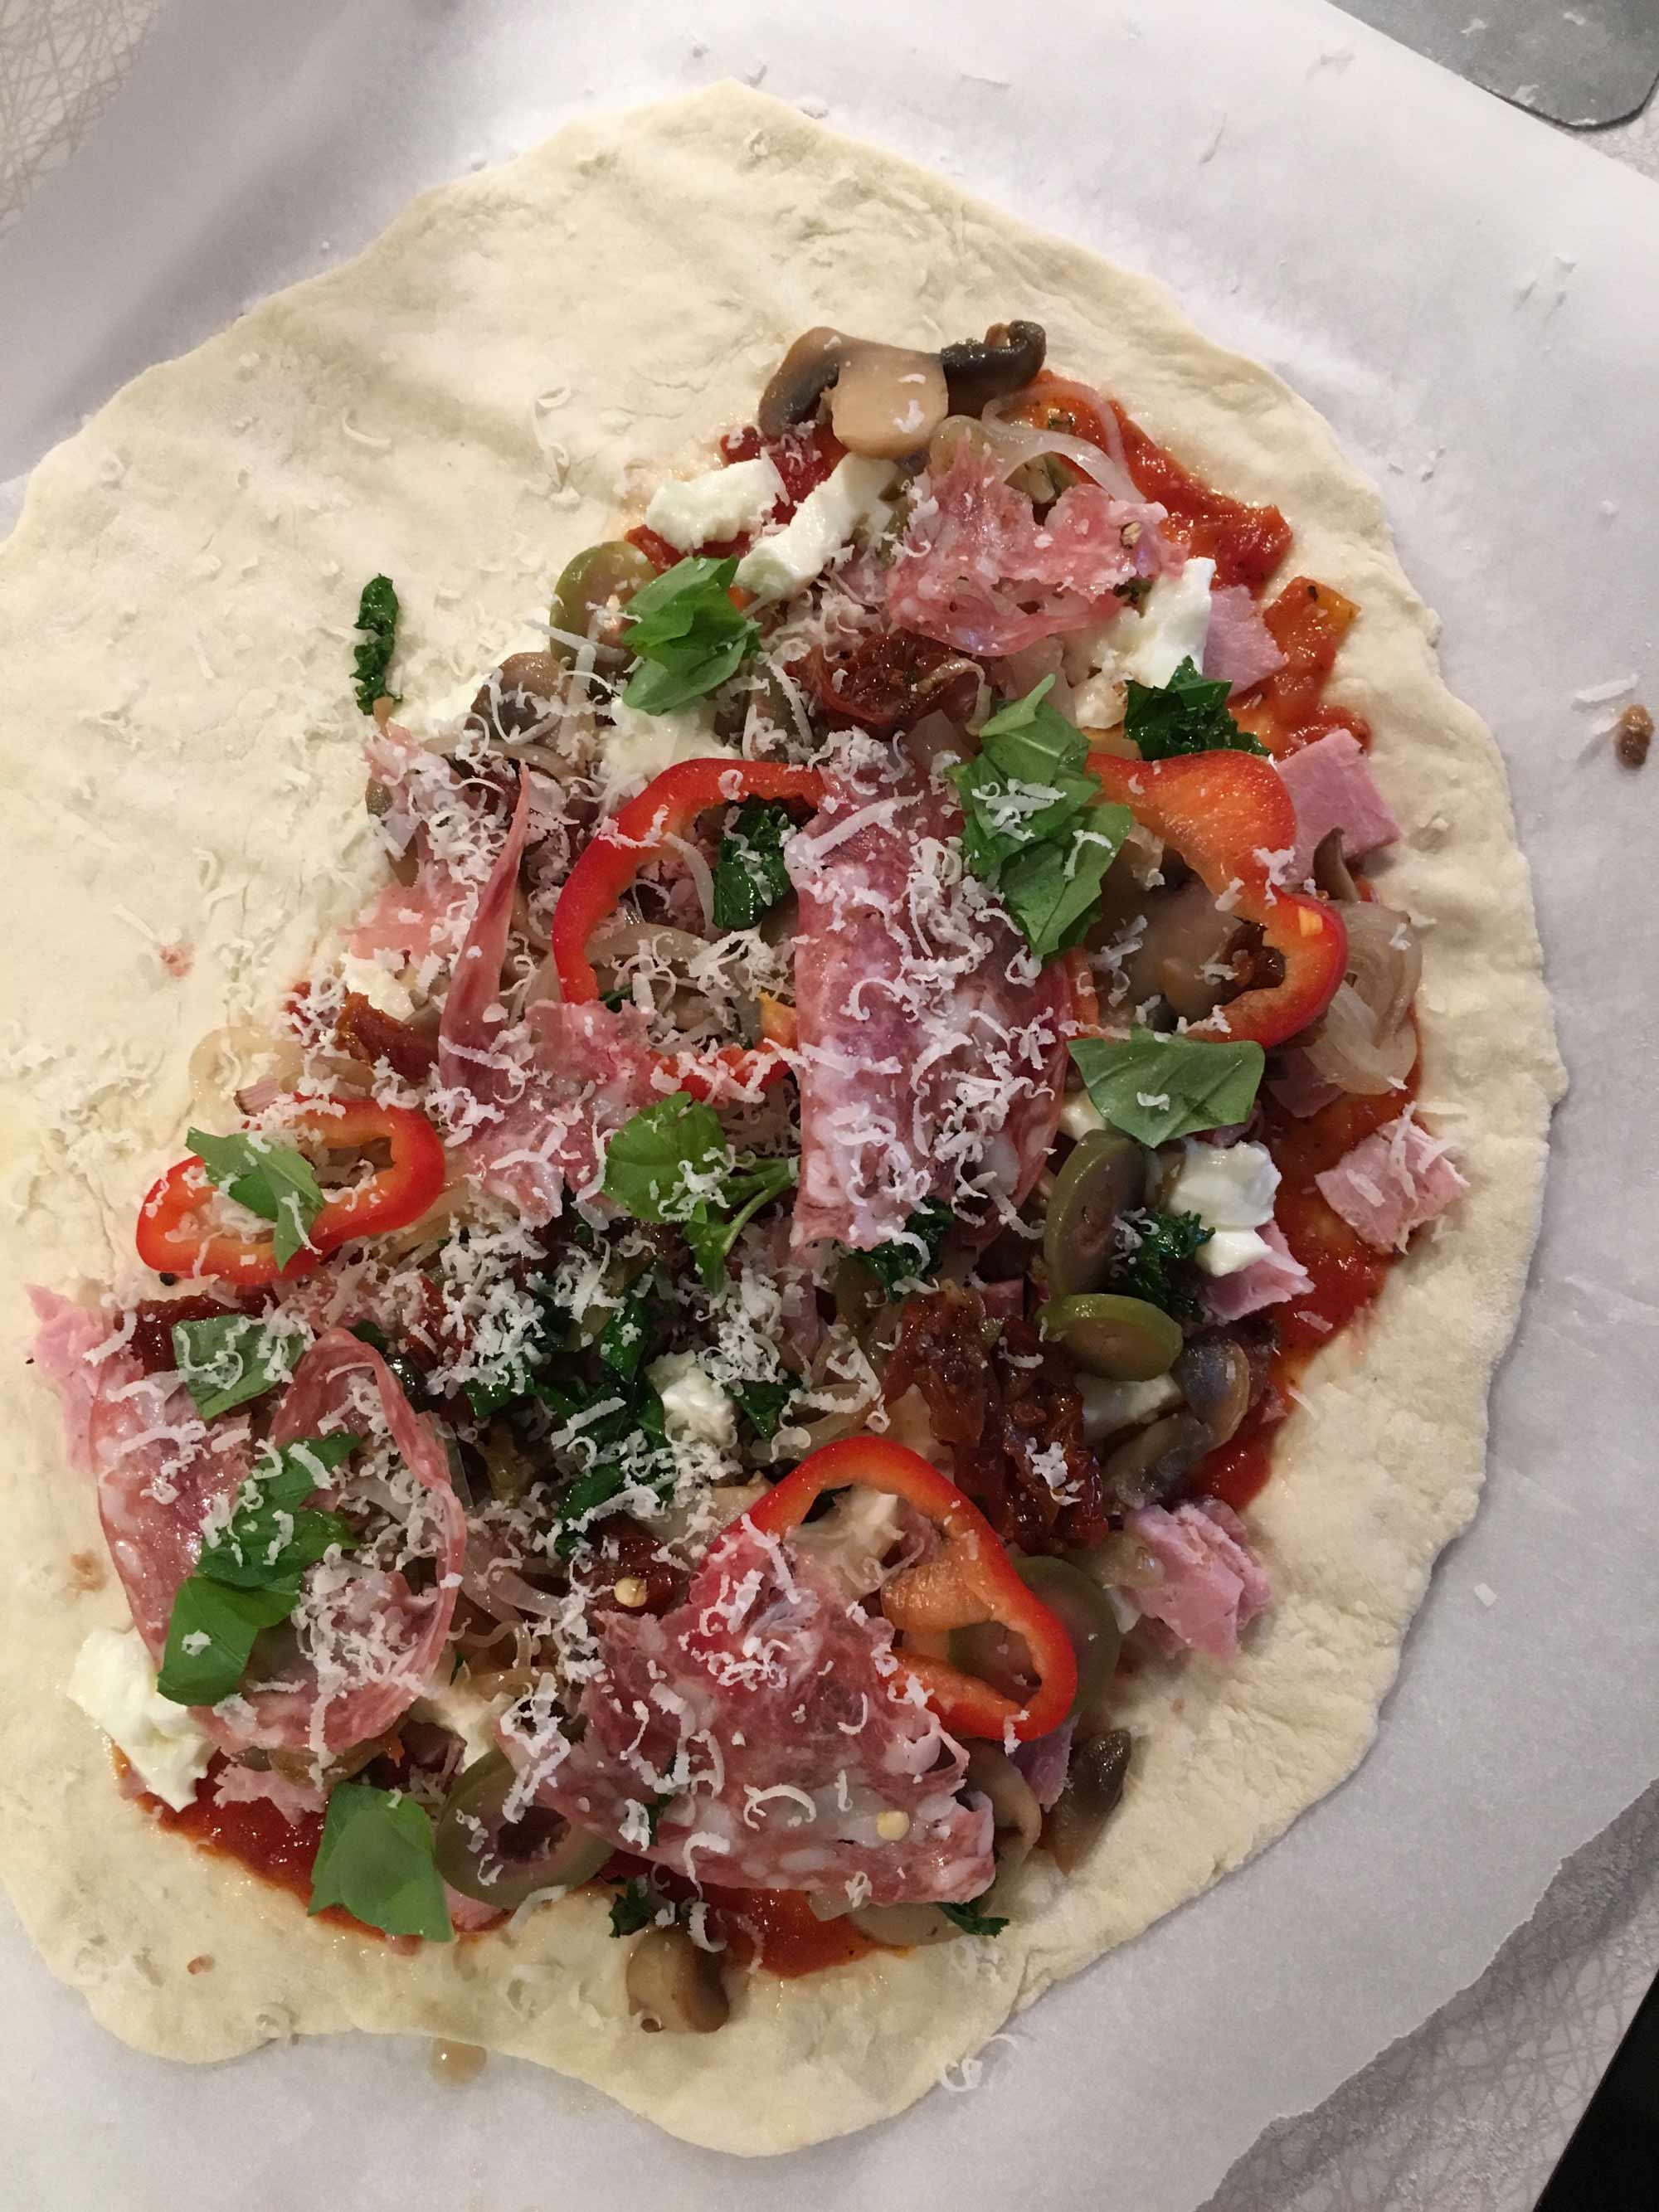 Fyllning med bland annat skinka, salami, svamp, sardeller och oliver.